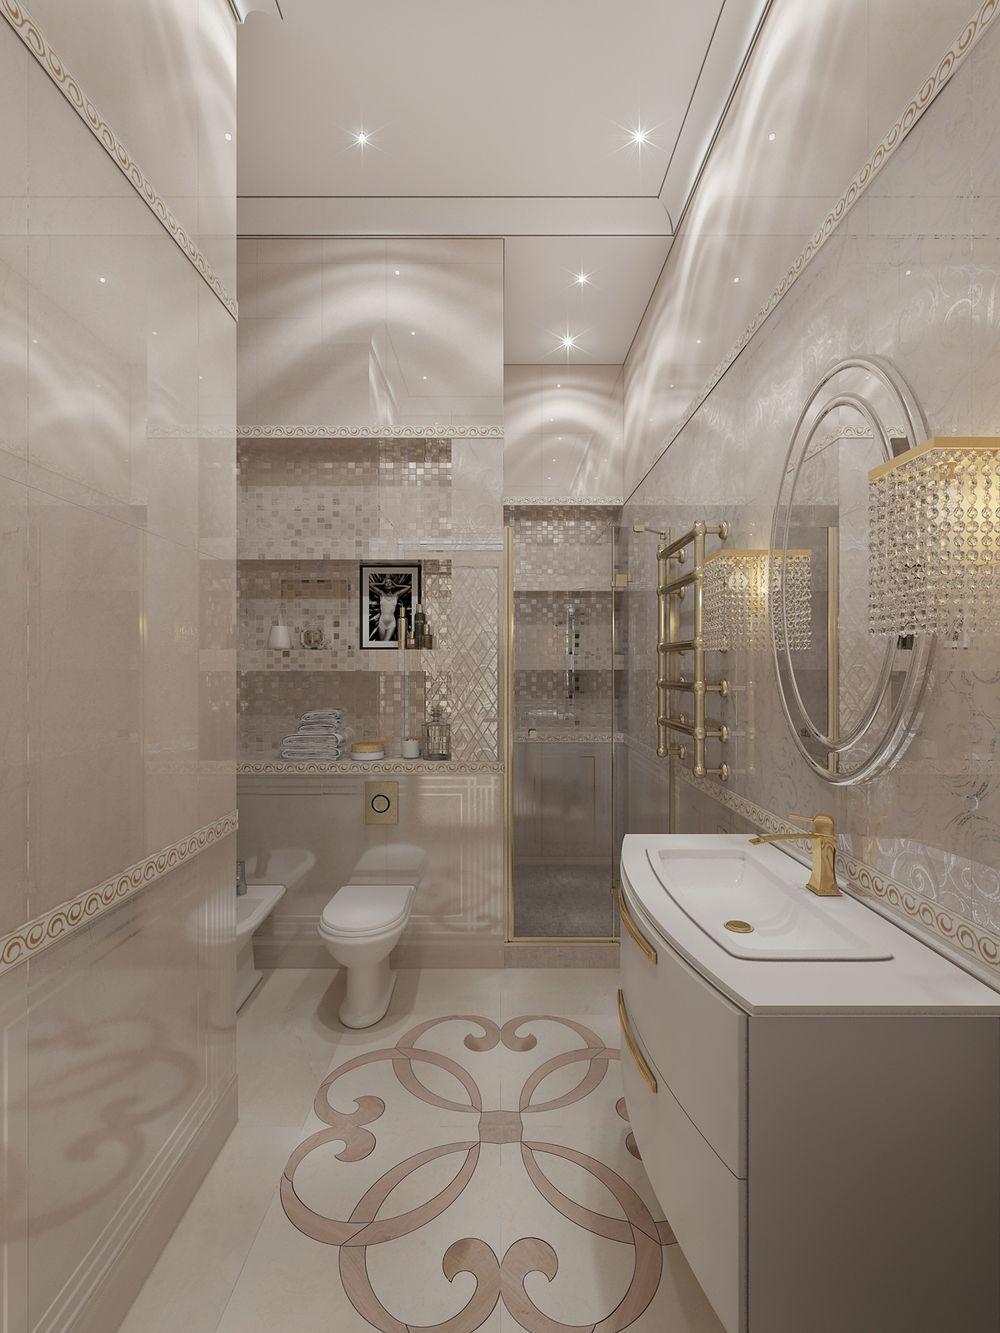 Интерьер ванной комнаты в квартире в стиле неоклассика